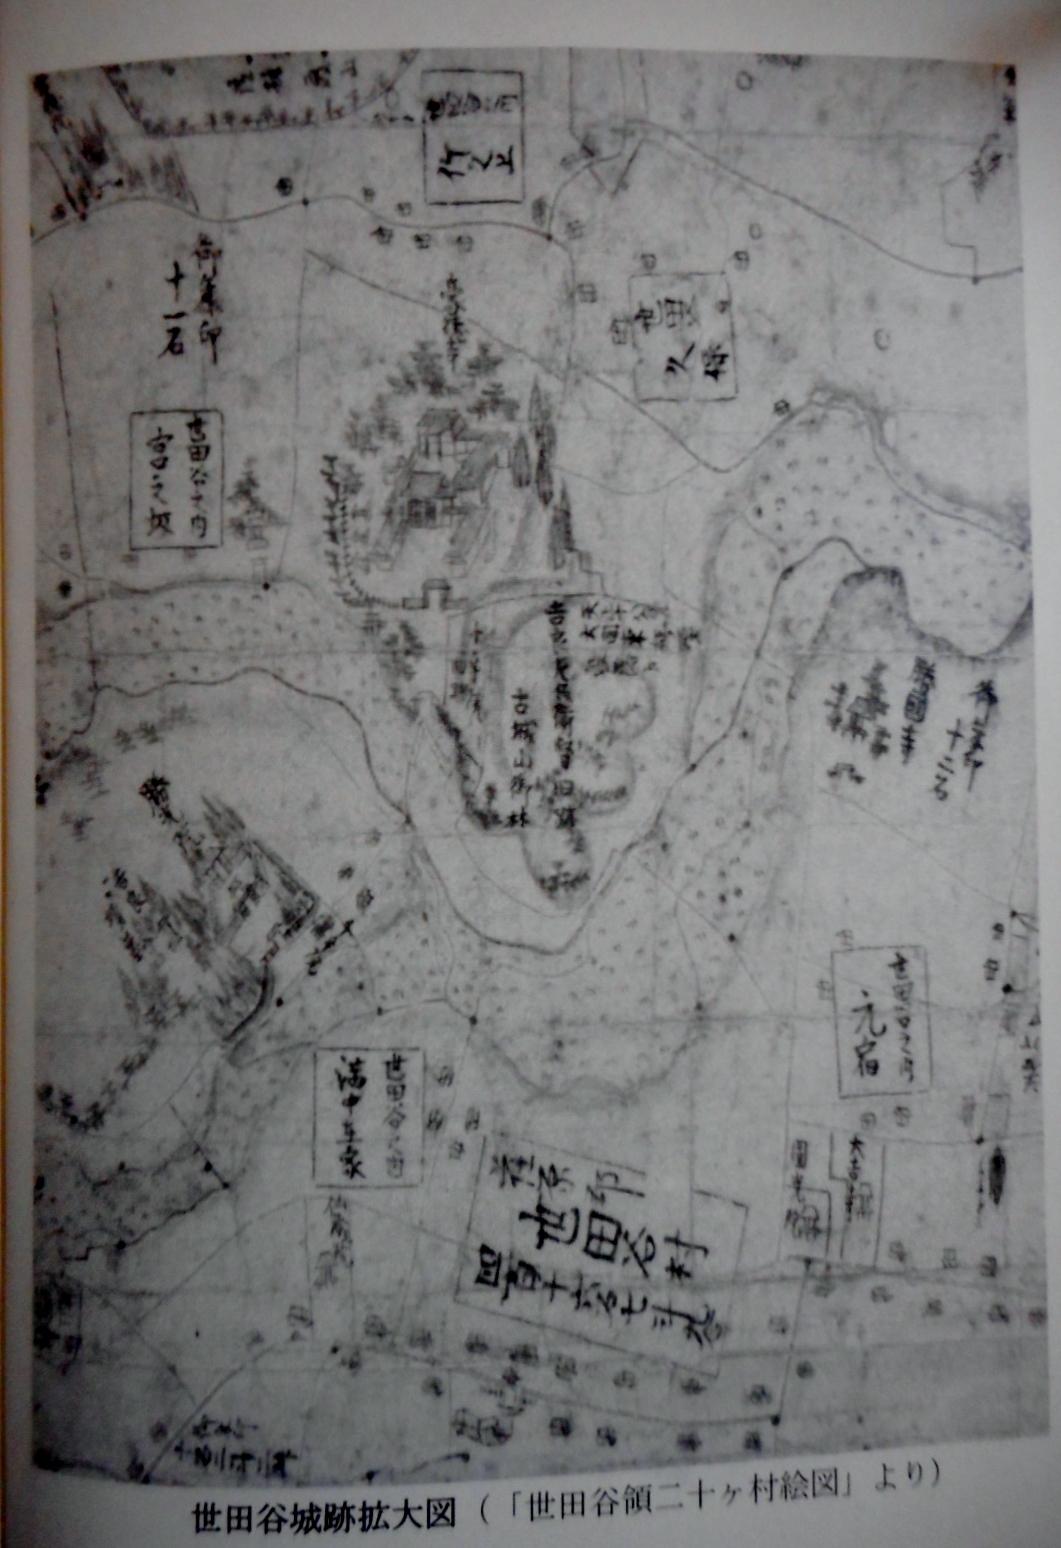 世田谷城の縄張り